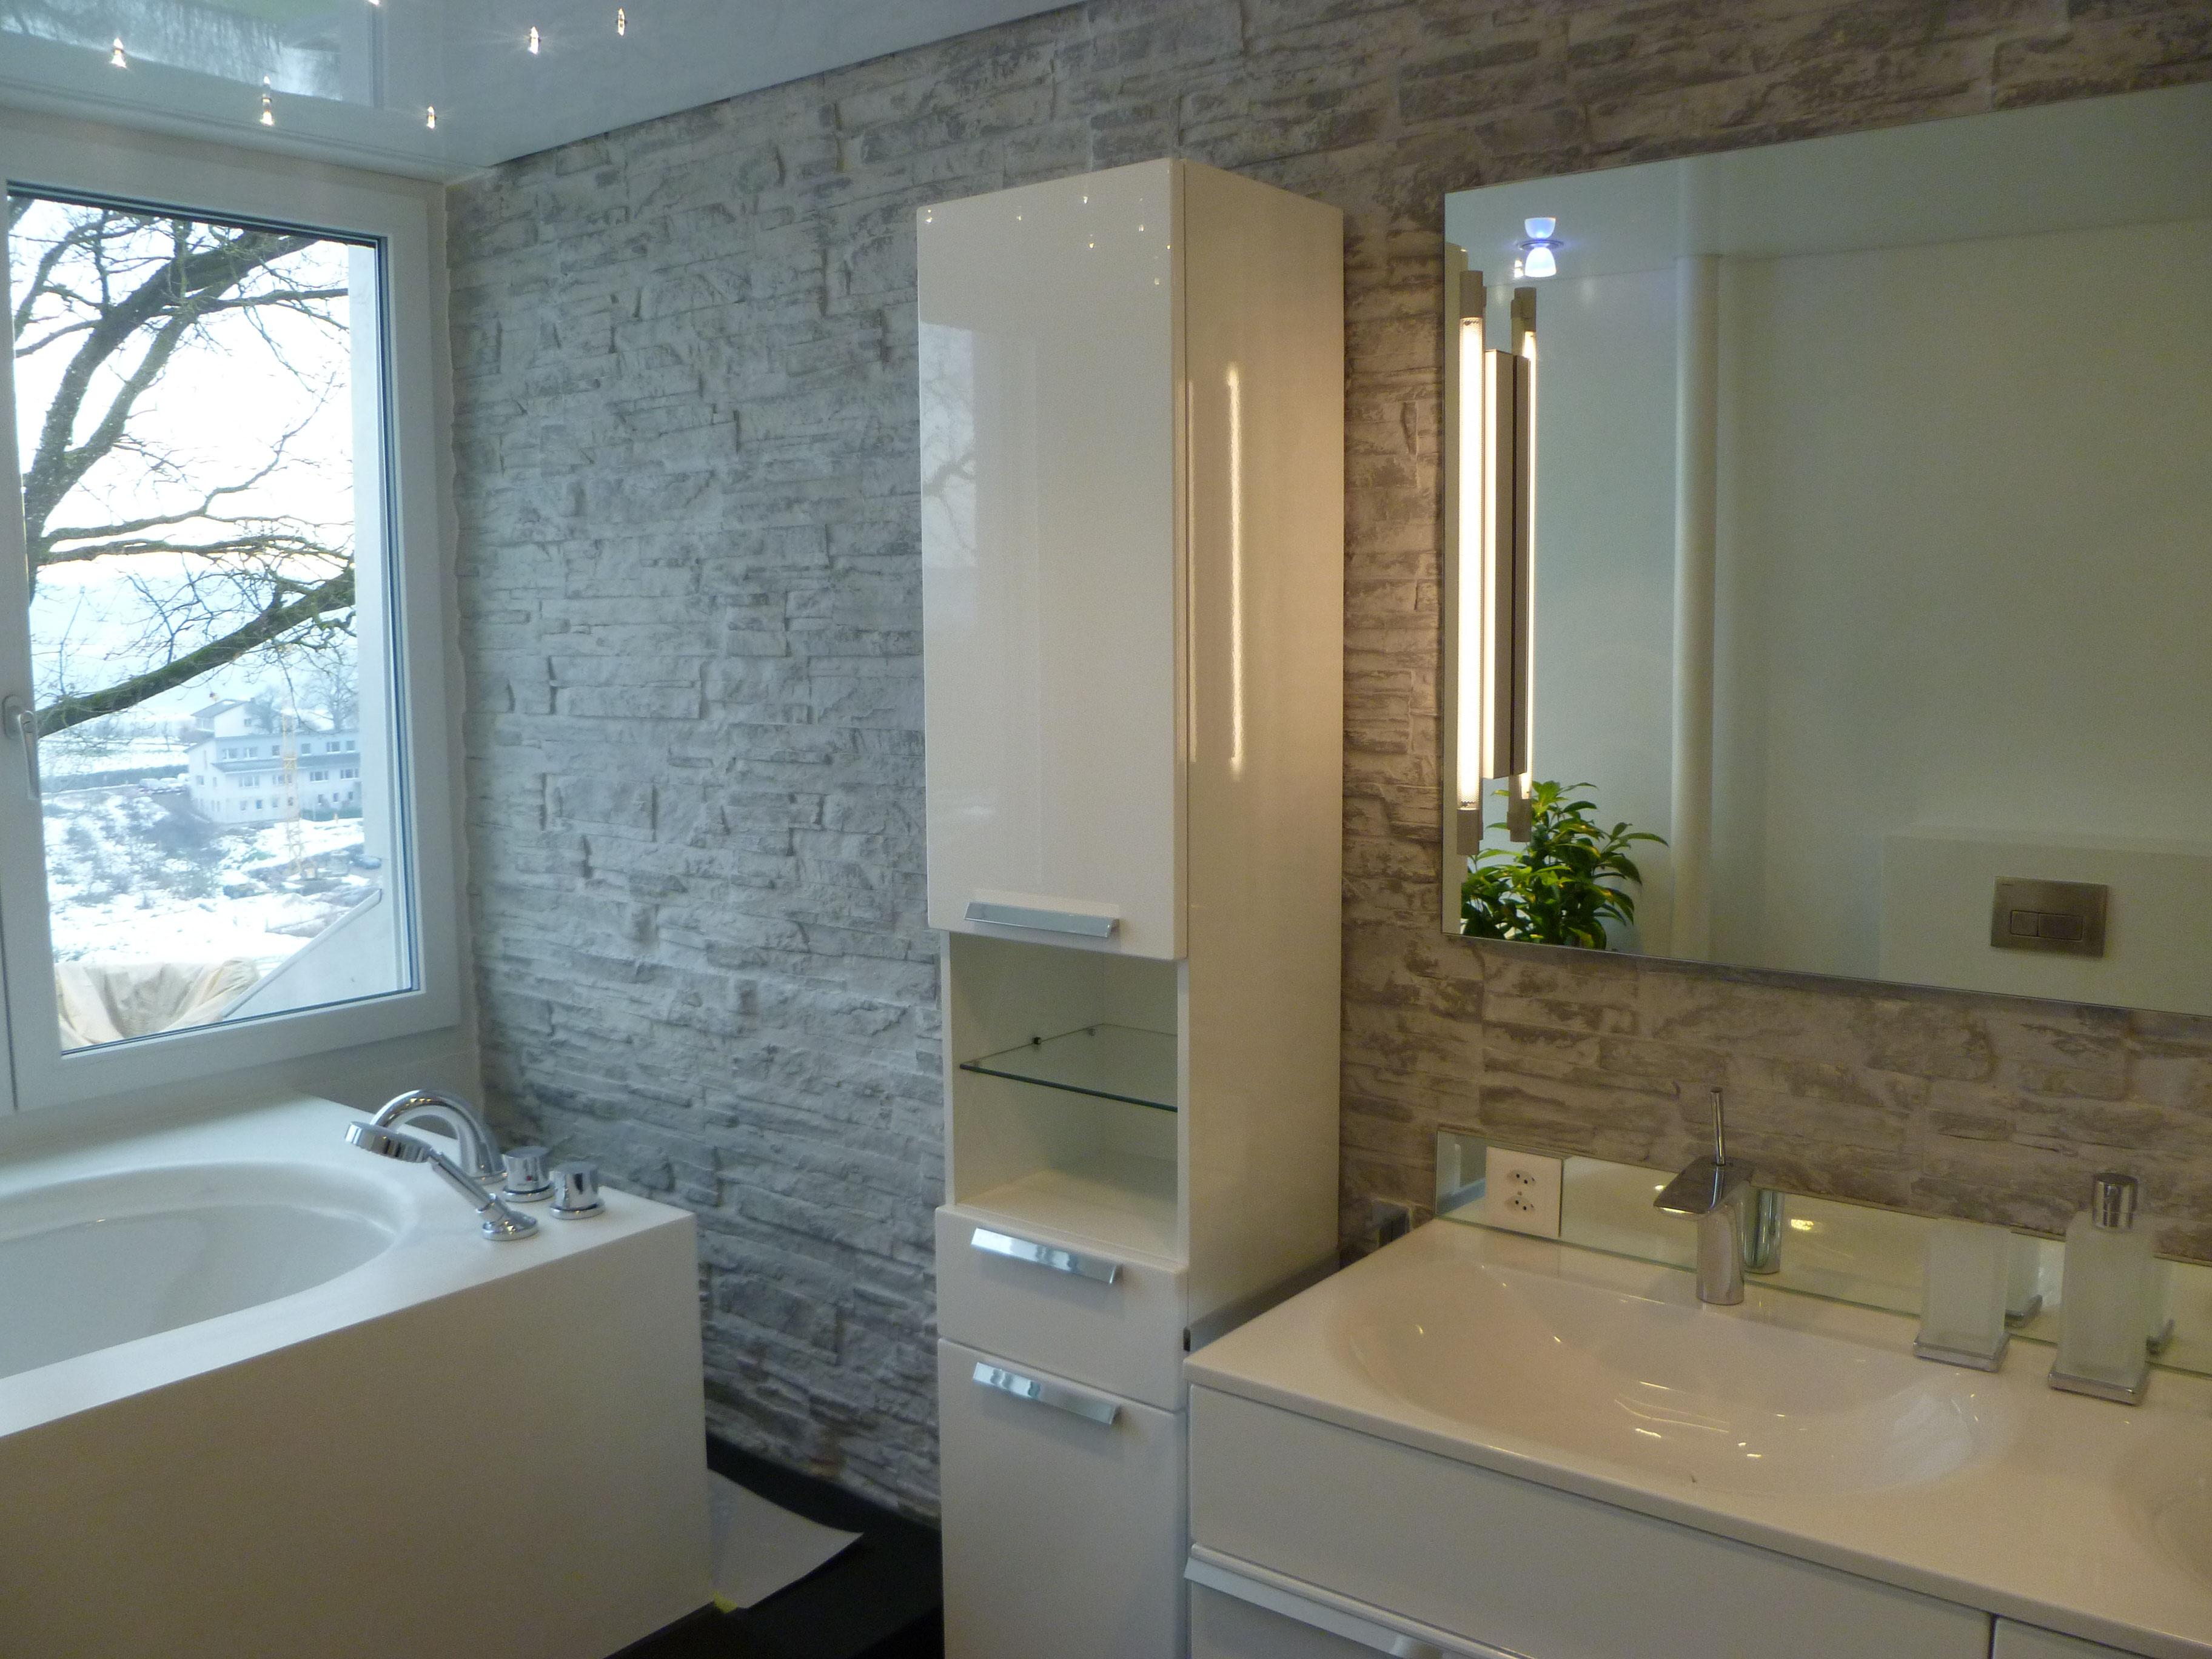 Steinwand Badezimmer  Badezimmer In Loft Mit Steinwand